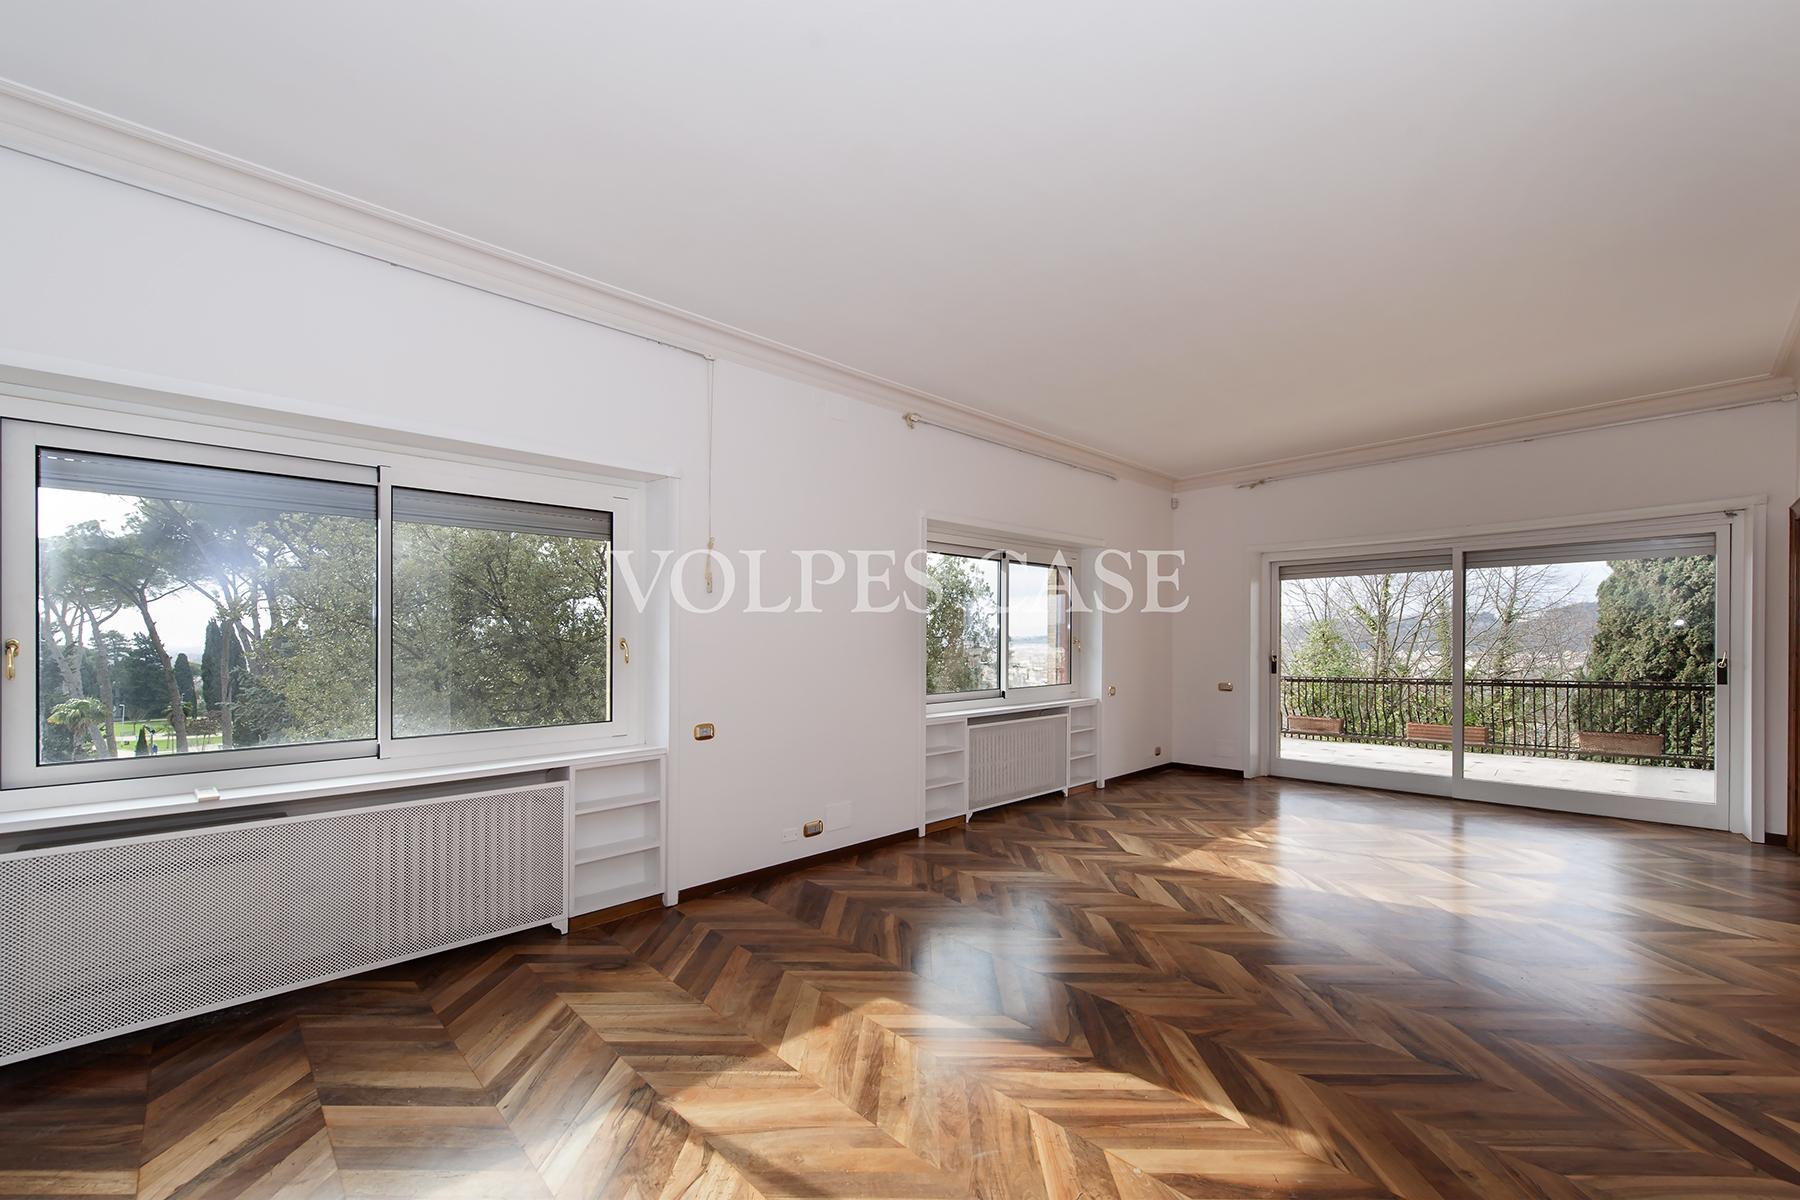 Appartamento in affitto con terrazzo a roma pag 4 for Locali affittasi roma